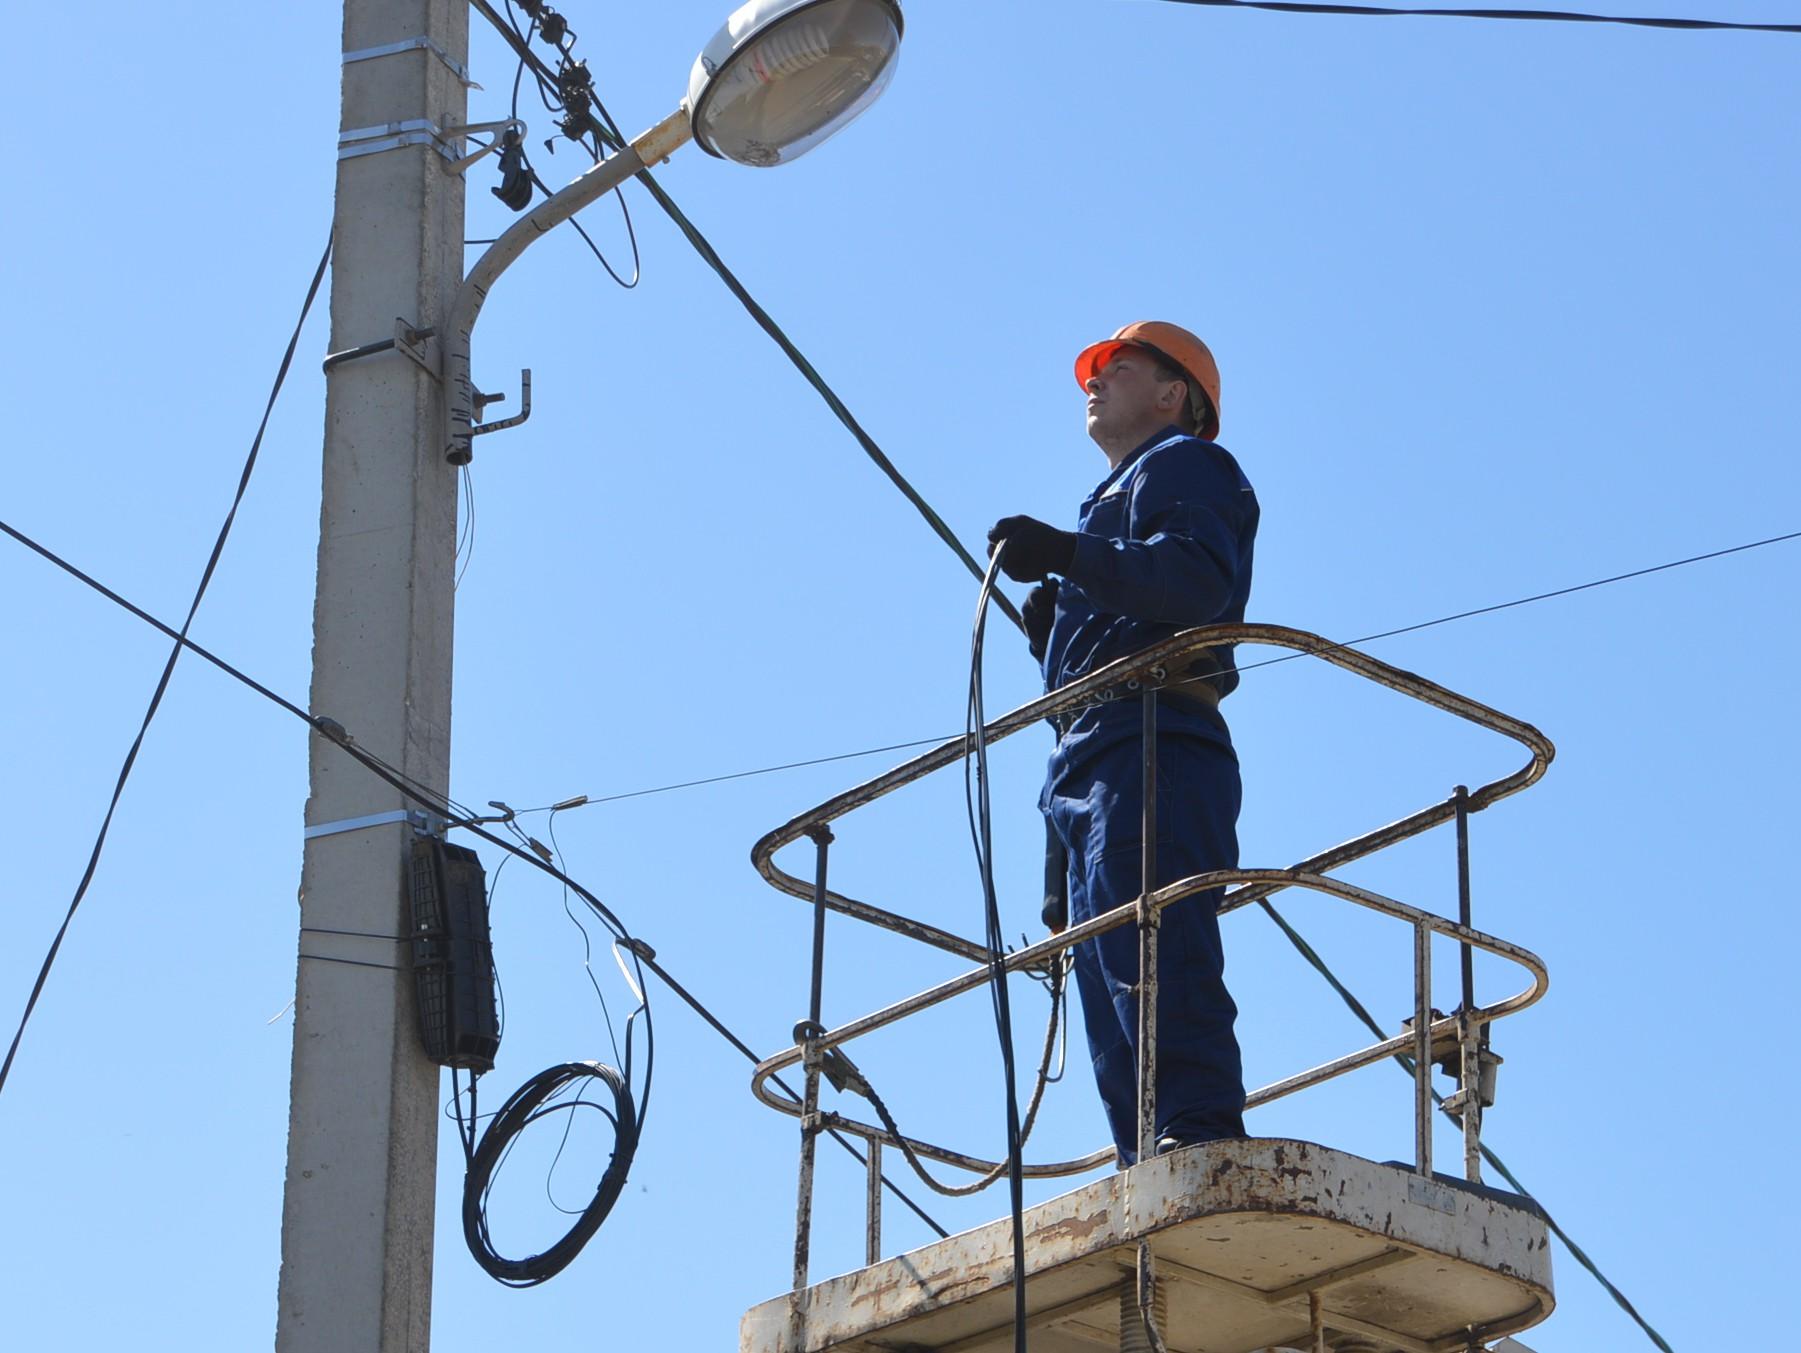 В Твери, в посёлке имени Чкалова, проводится масштабная реконструкция линий электропередачи - ТИА